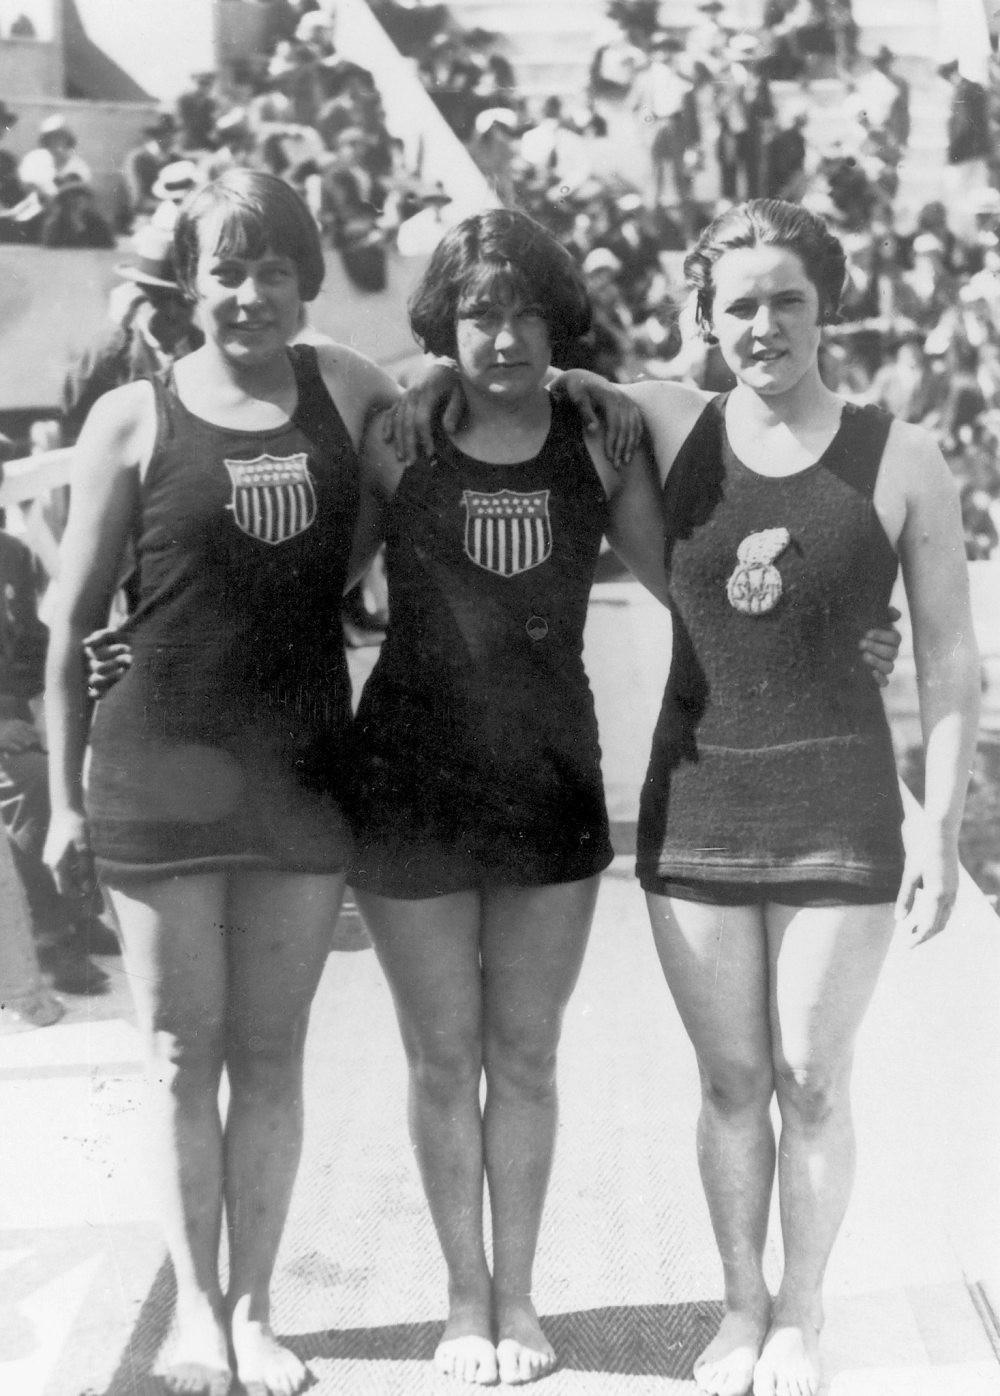 Đồ bơi tại Olympic từng may bằng vải xuyên thấu, trở nên trong suốt dưới nước - 3